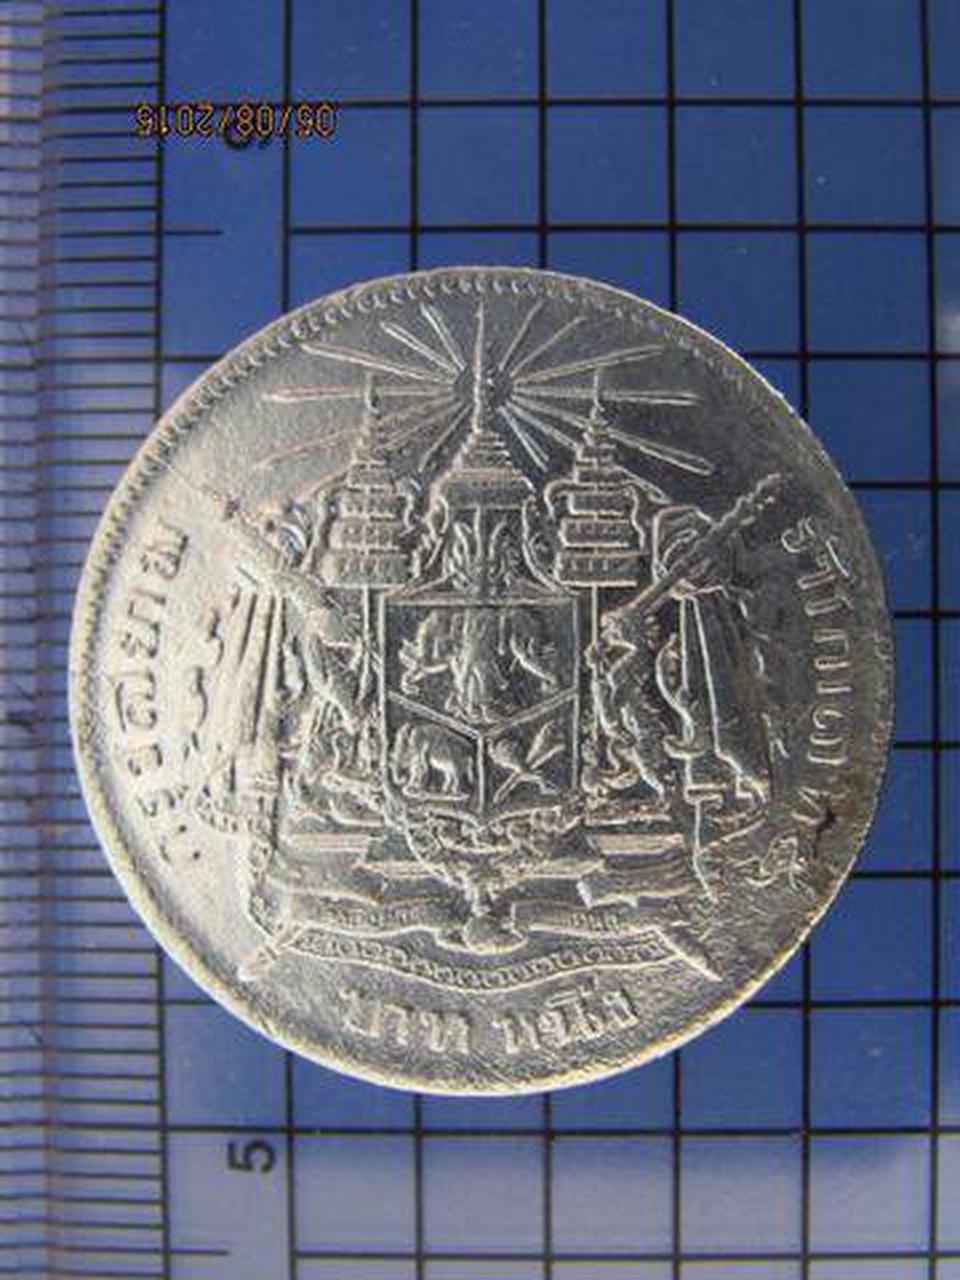 2518 เหรียญเนื้อเงิน ร.5 หลังตราแผ่นดิน ราคา บาทหนึ่ง เหรียญ รูปที่ 1